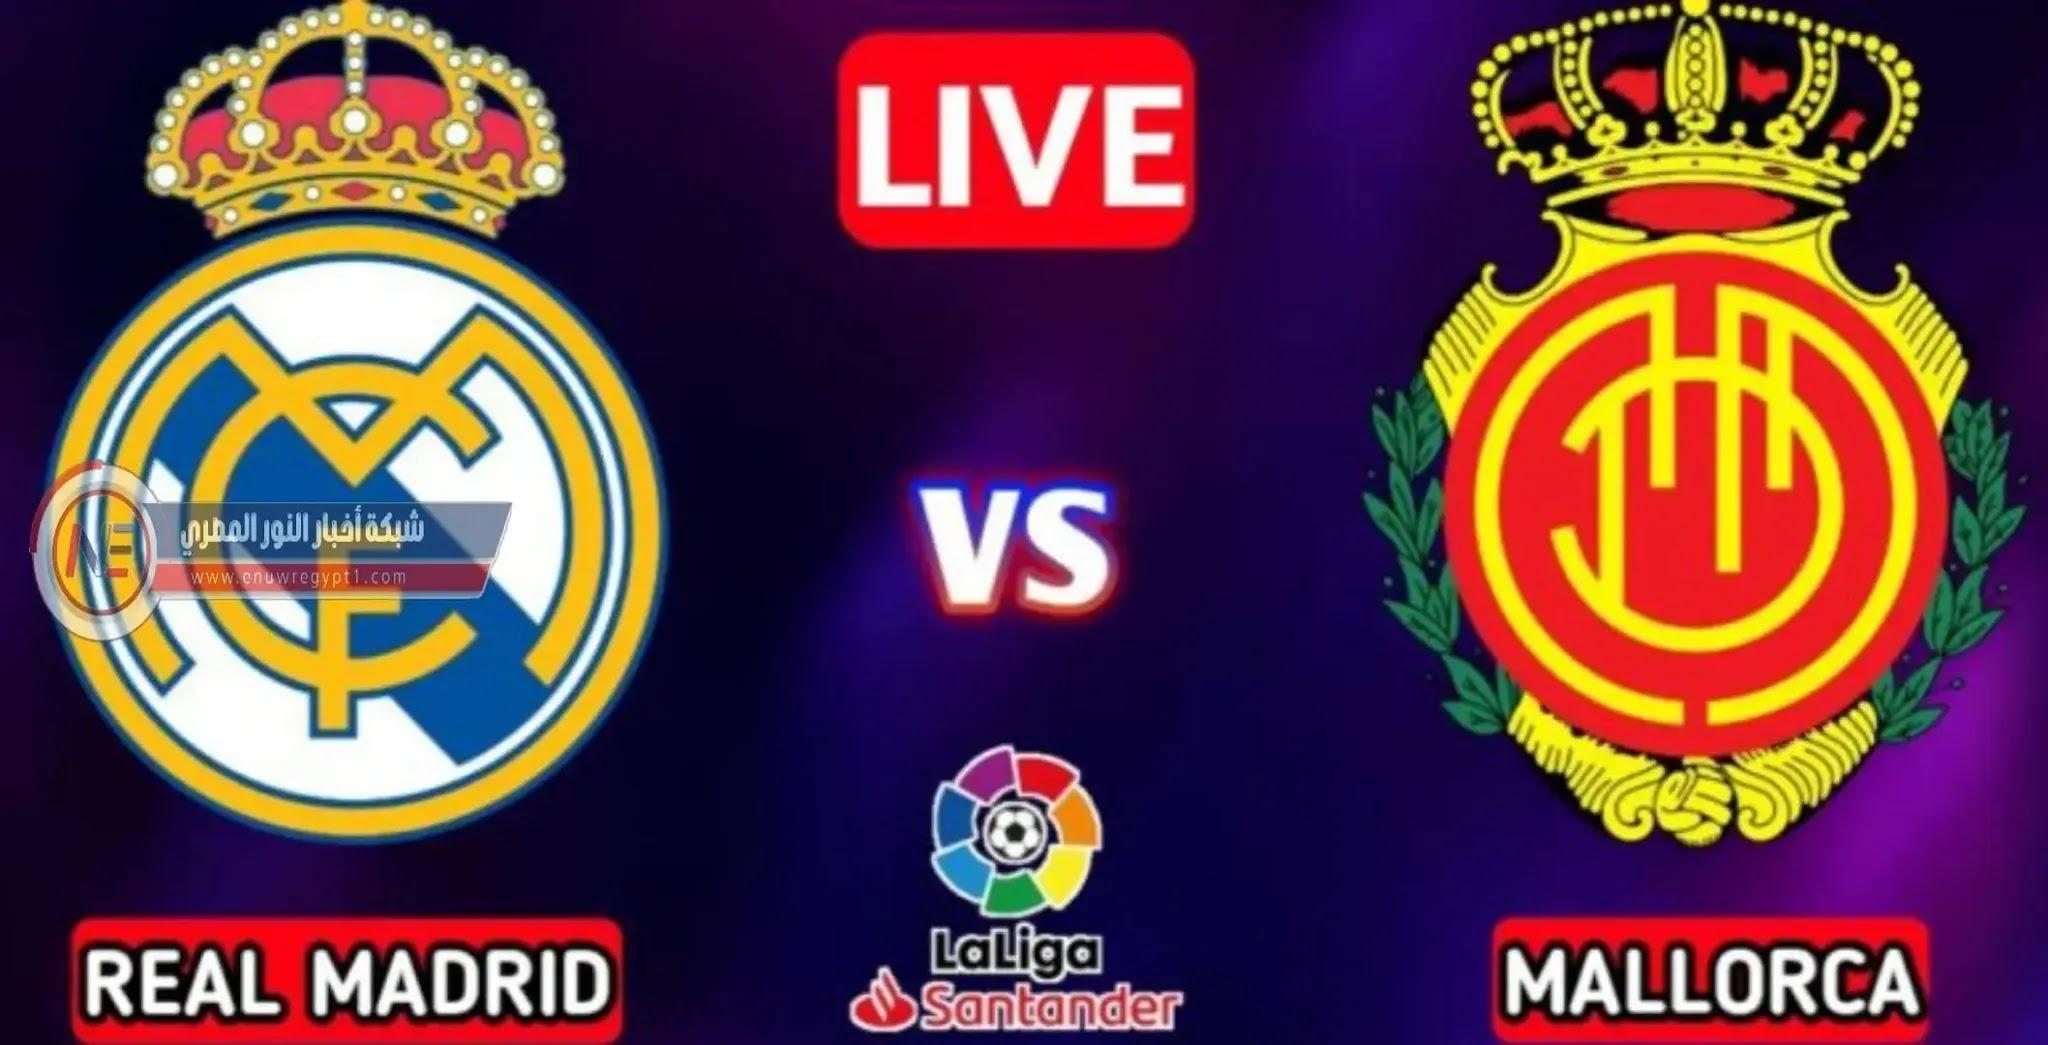 يلا شوت بث مباشر .. مشاهدة مباراة ريال مدريد ضد ريال مايوركا بث مباشر بتاريخ اليوم 22-09-2021 في الدوري الاسباني